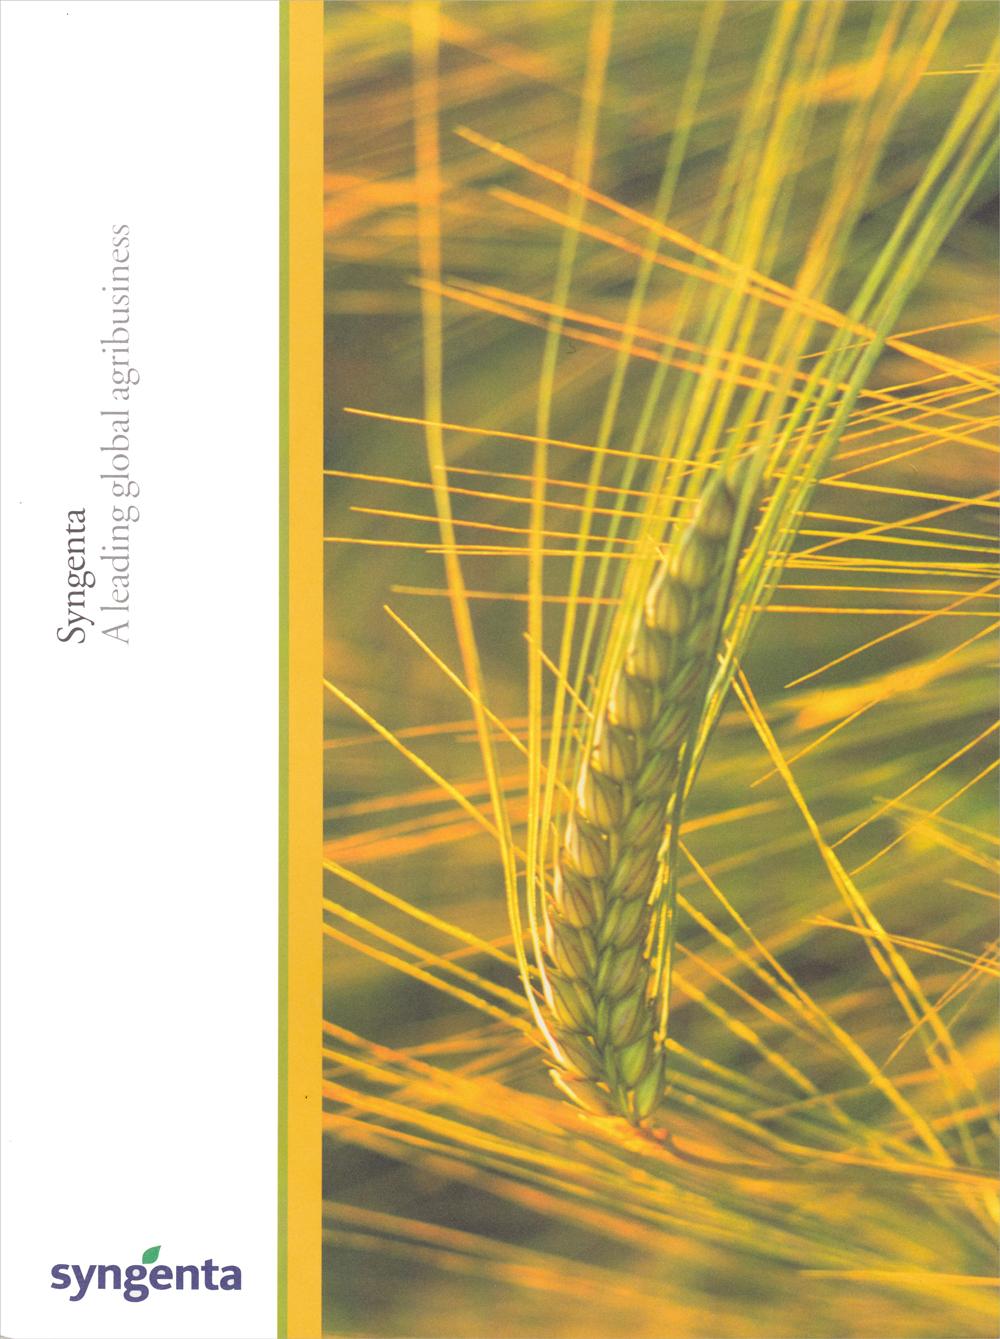 Syngenta Launch Brochure